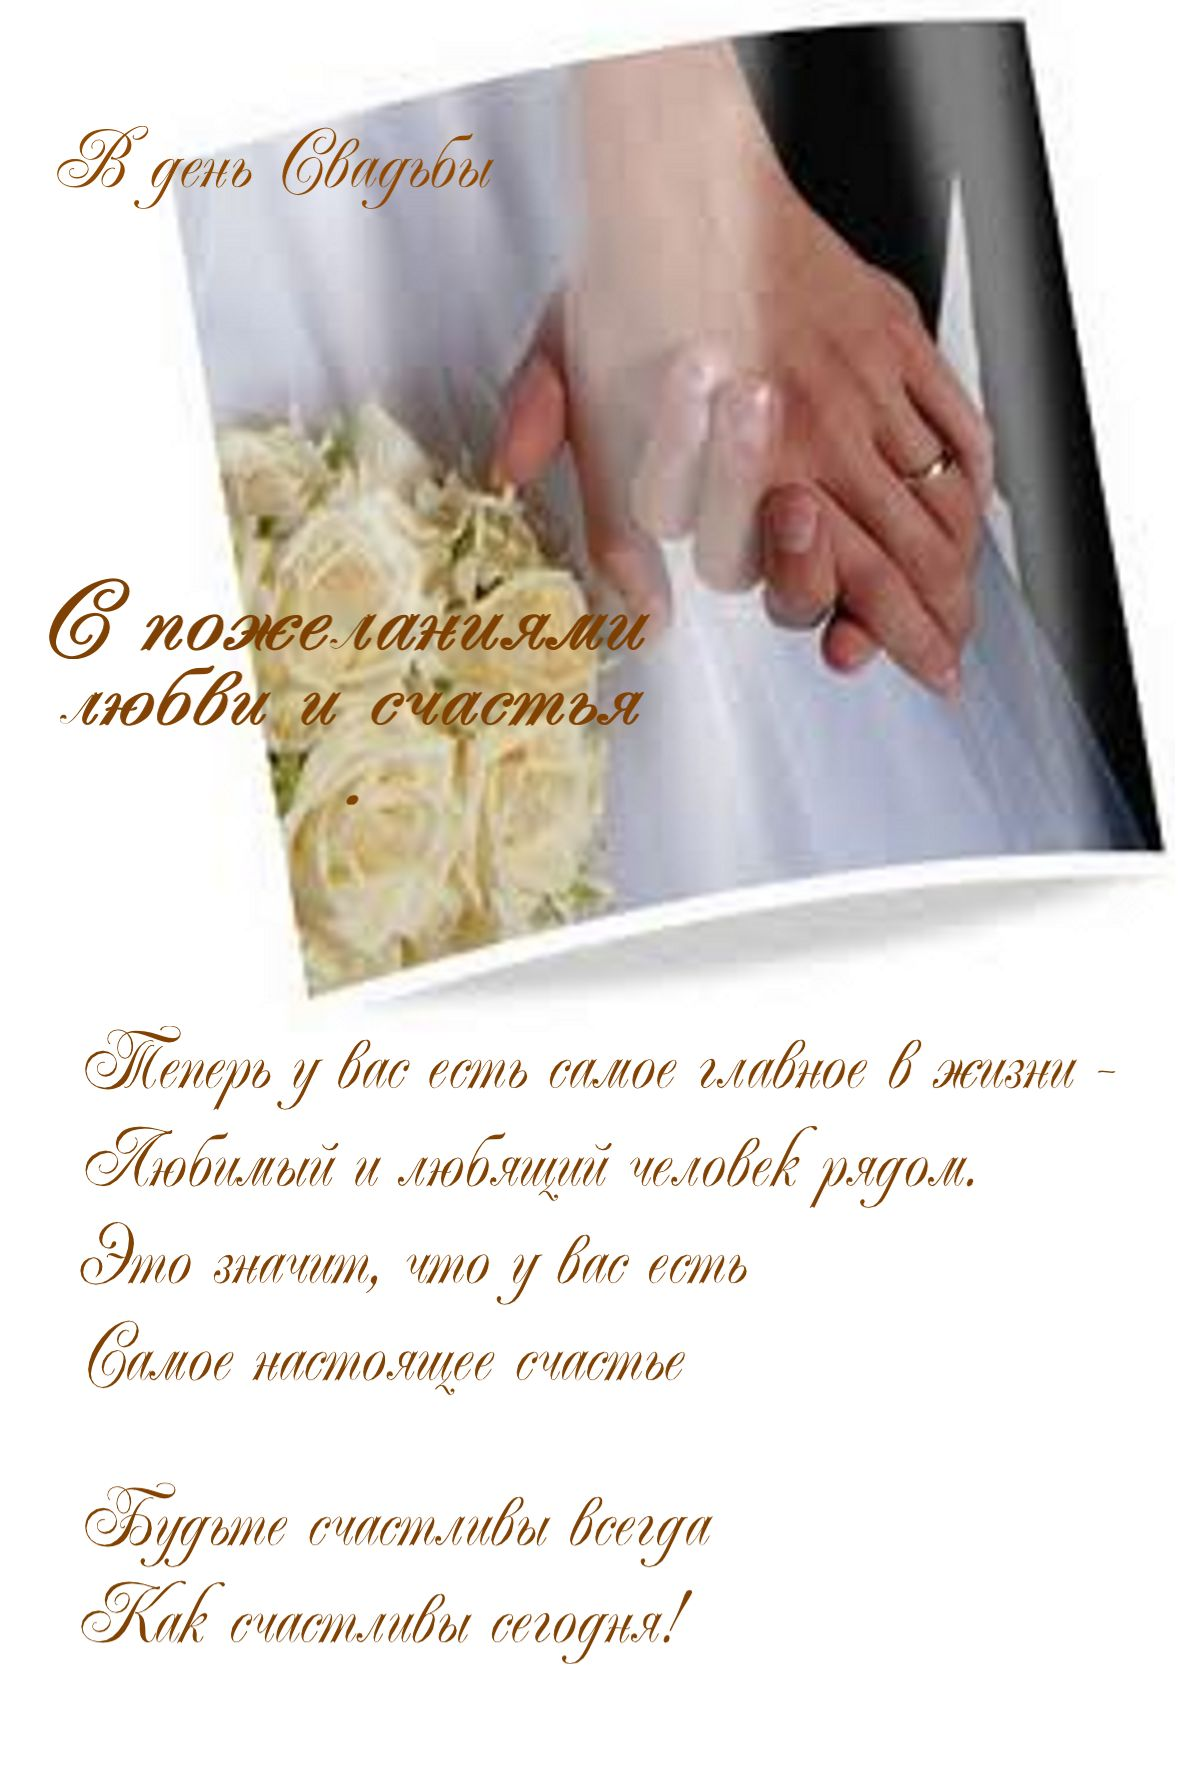 Трогательное поздравление тете в день свадьбы от племянника